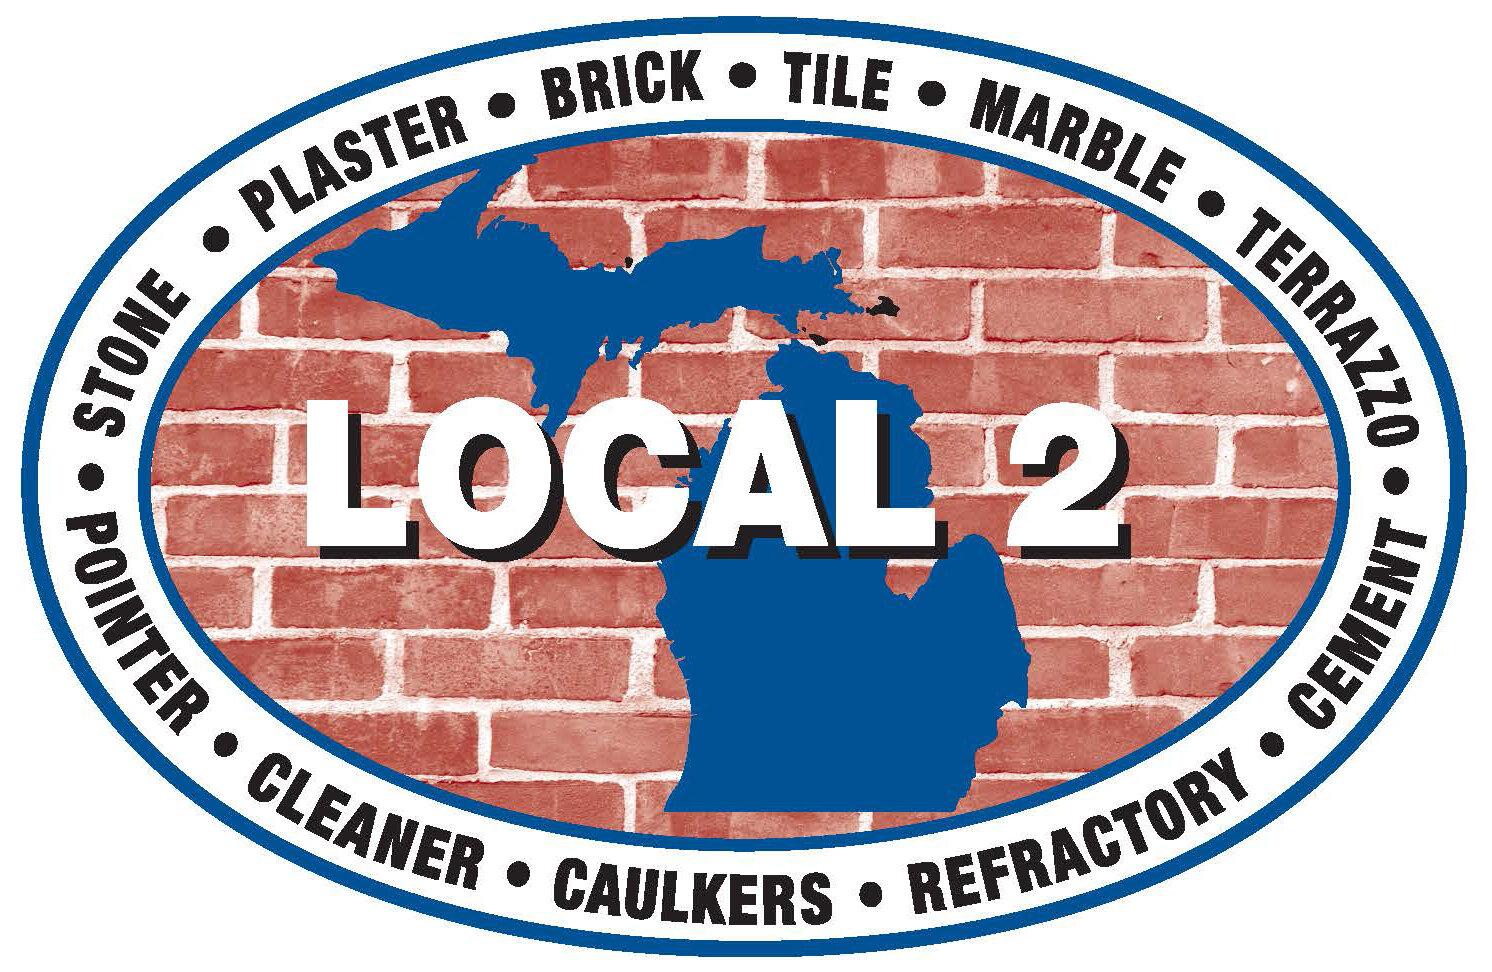 bac_local_2_mi_logo_-_oval.jpg